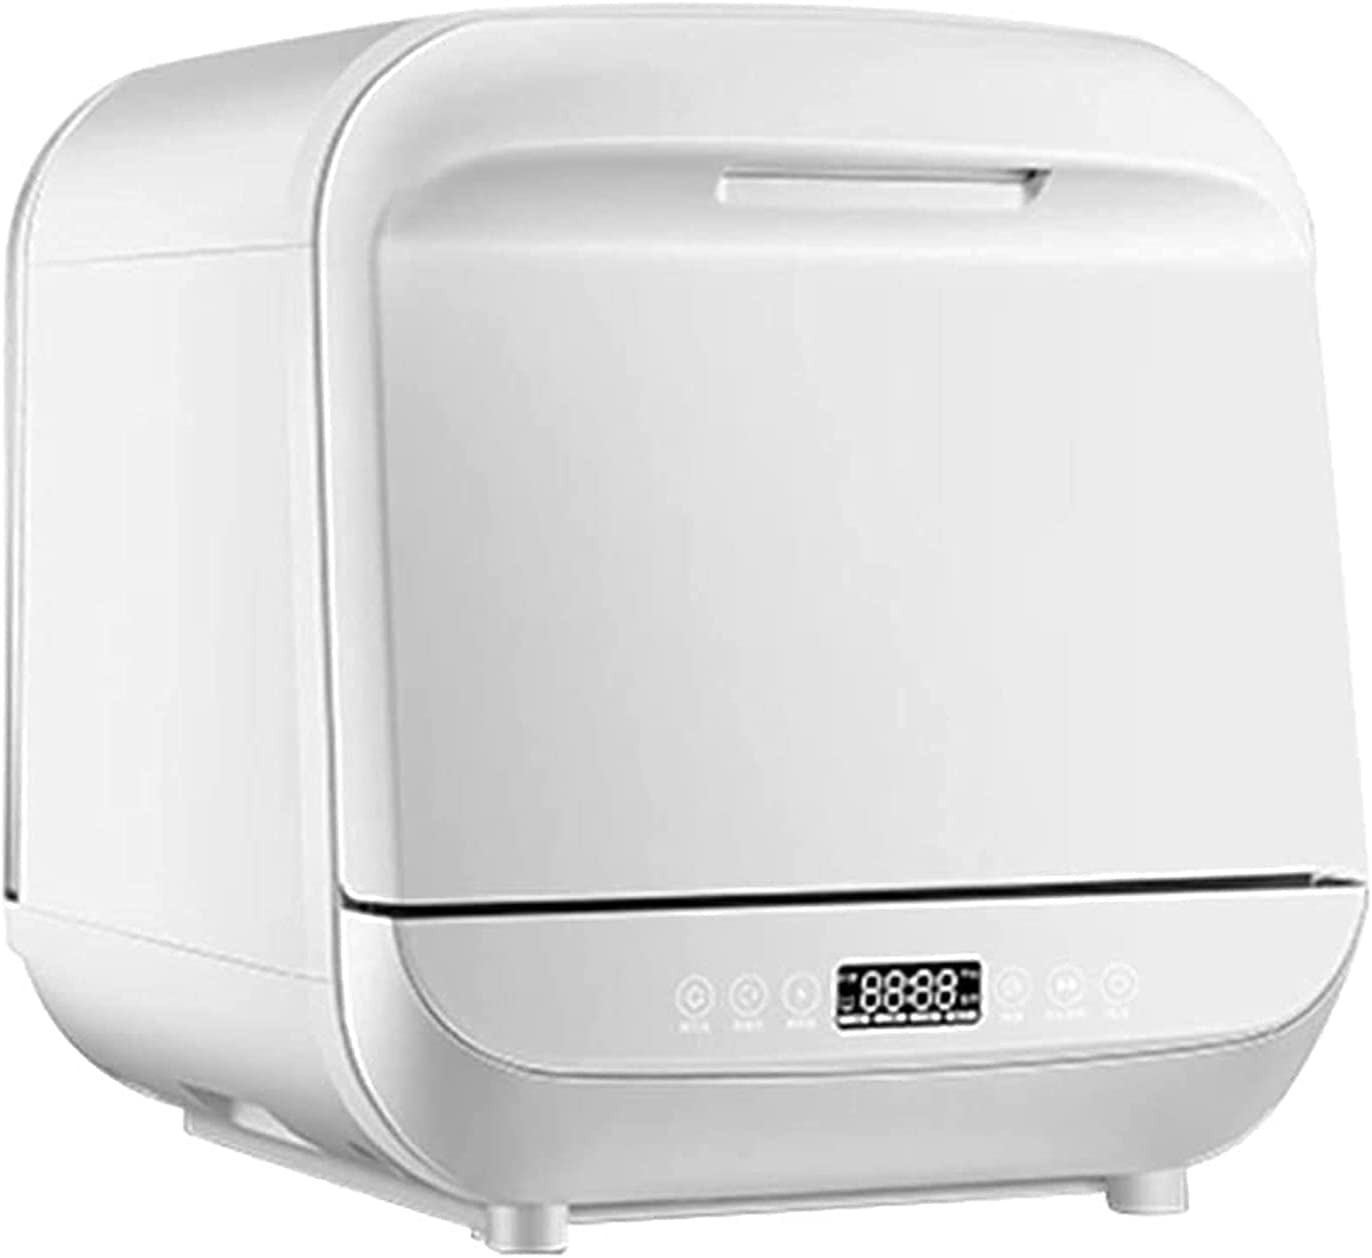 MOSHUO Lavavajillas de encimera portátil de 950 W, 3 Modos de Lavado Mini lavavajillas de Mesa con Pantalla táctil de luz LED, energía, vajilla de Almacenamiento para cocinas caseras